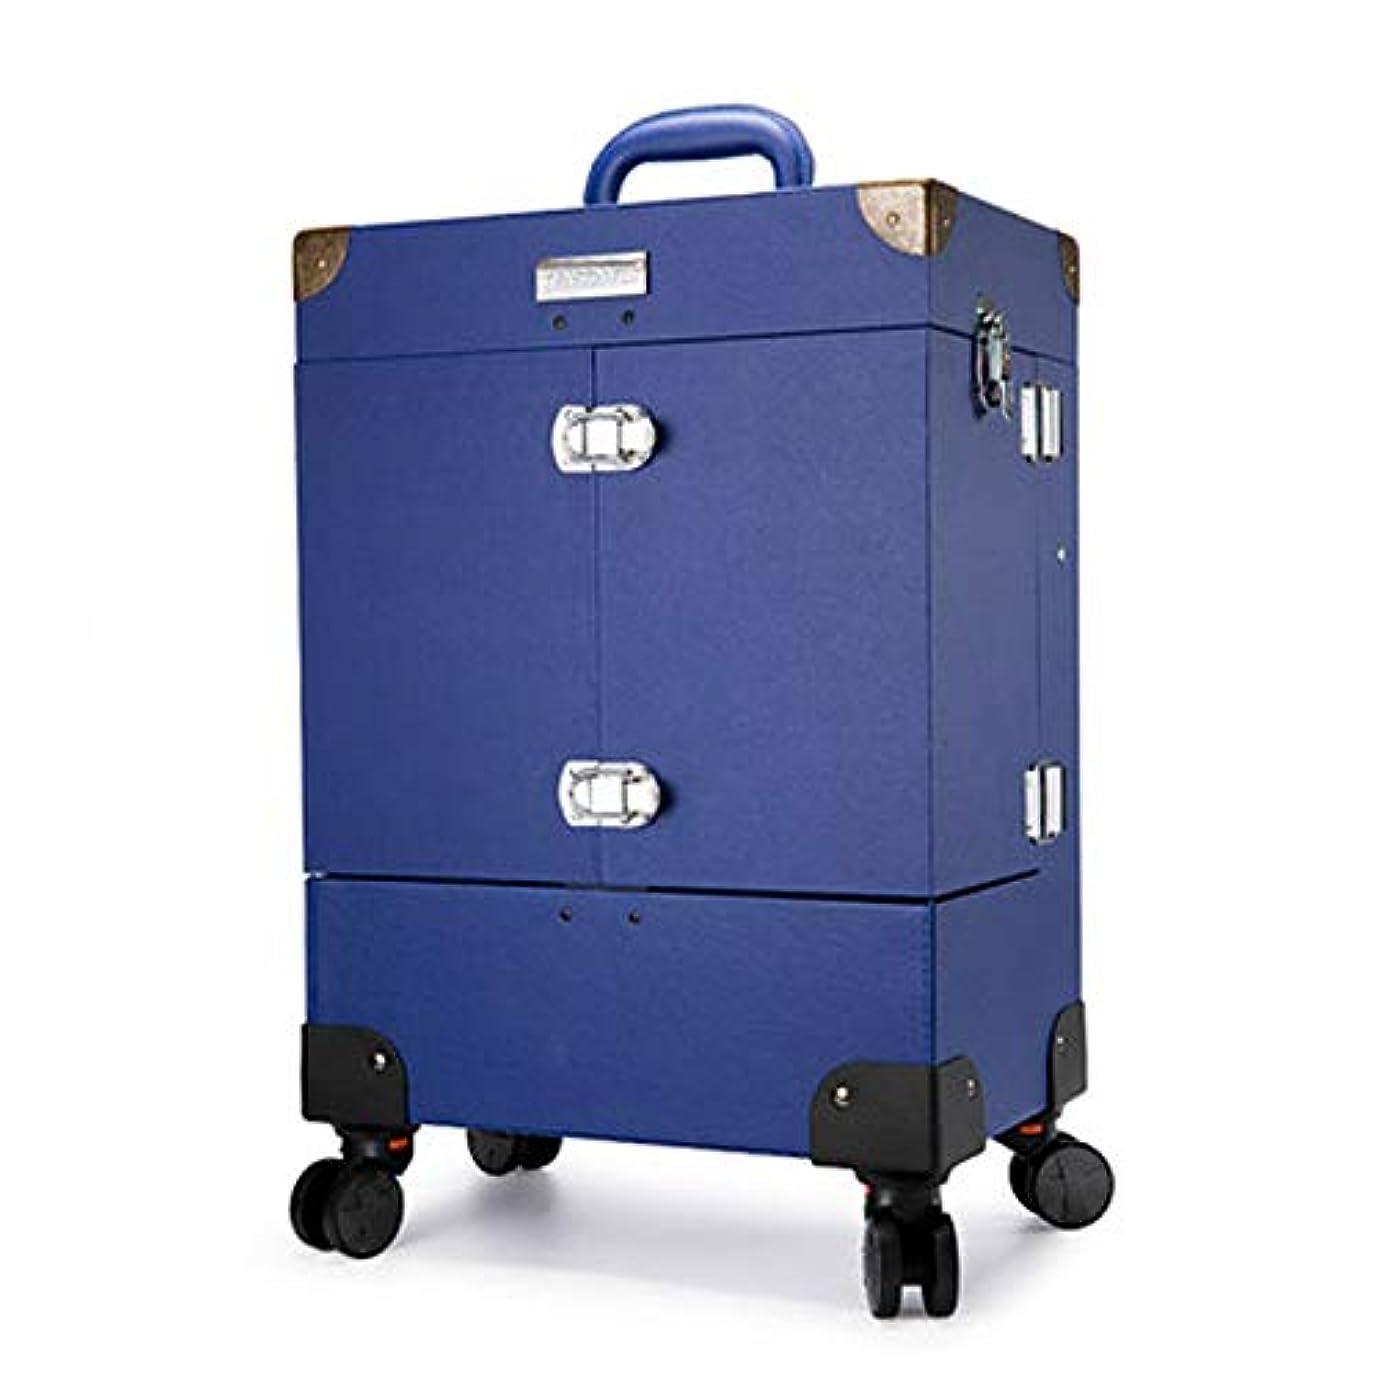 飢えたシンカン草プロ専用 ネイリスト クローゼット スーツケース ネイル収納 メイクボックス キャリーバッグ ヘアメイク ネイル 大容量 軽量 高品質 多機能 プロ I-JL-3505T-BL